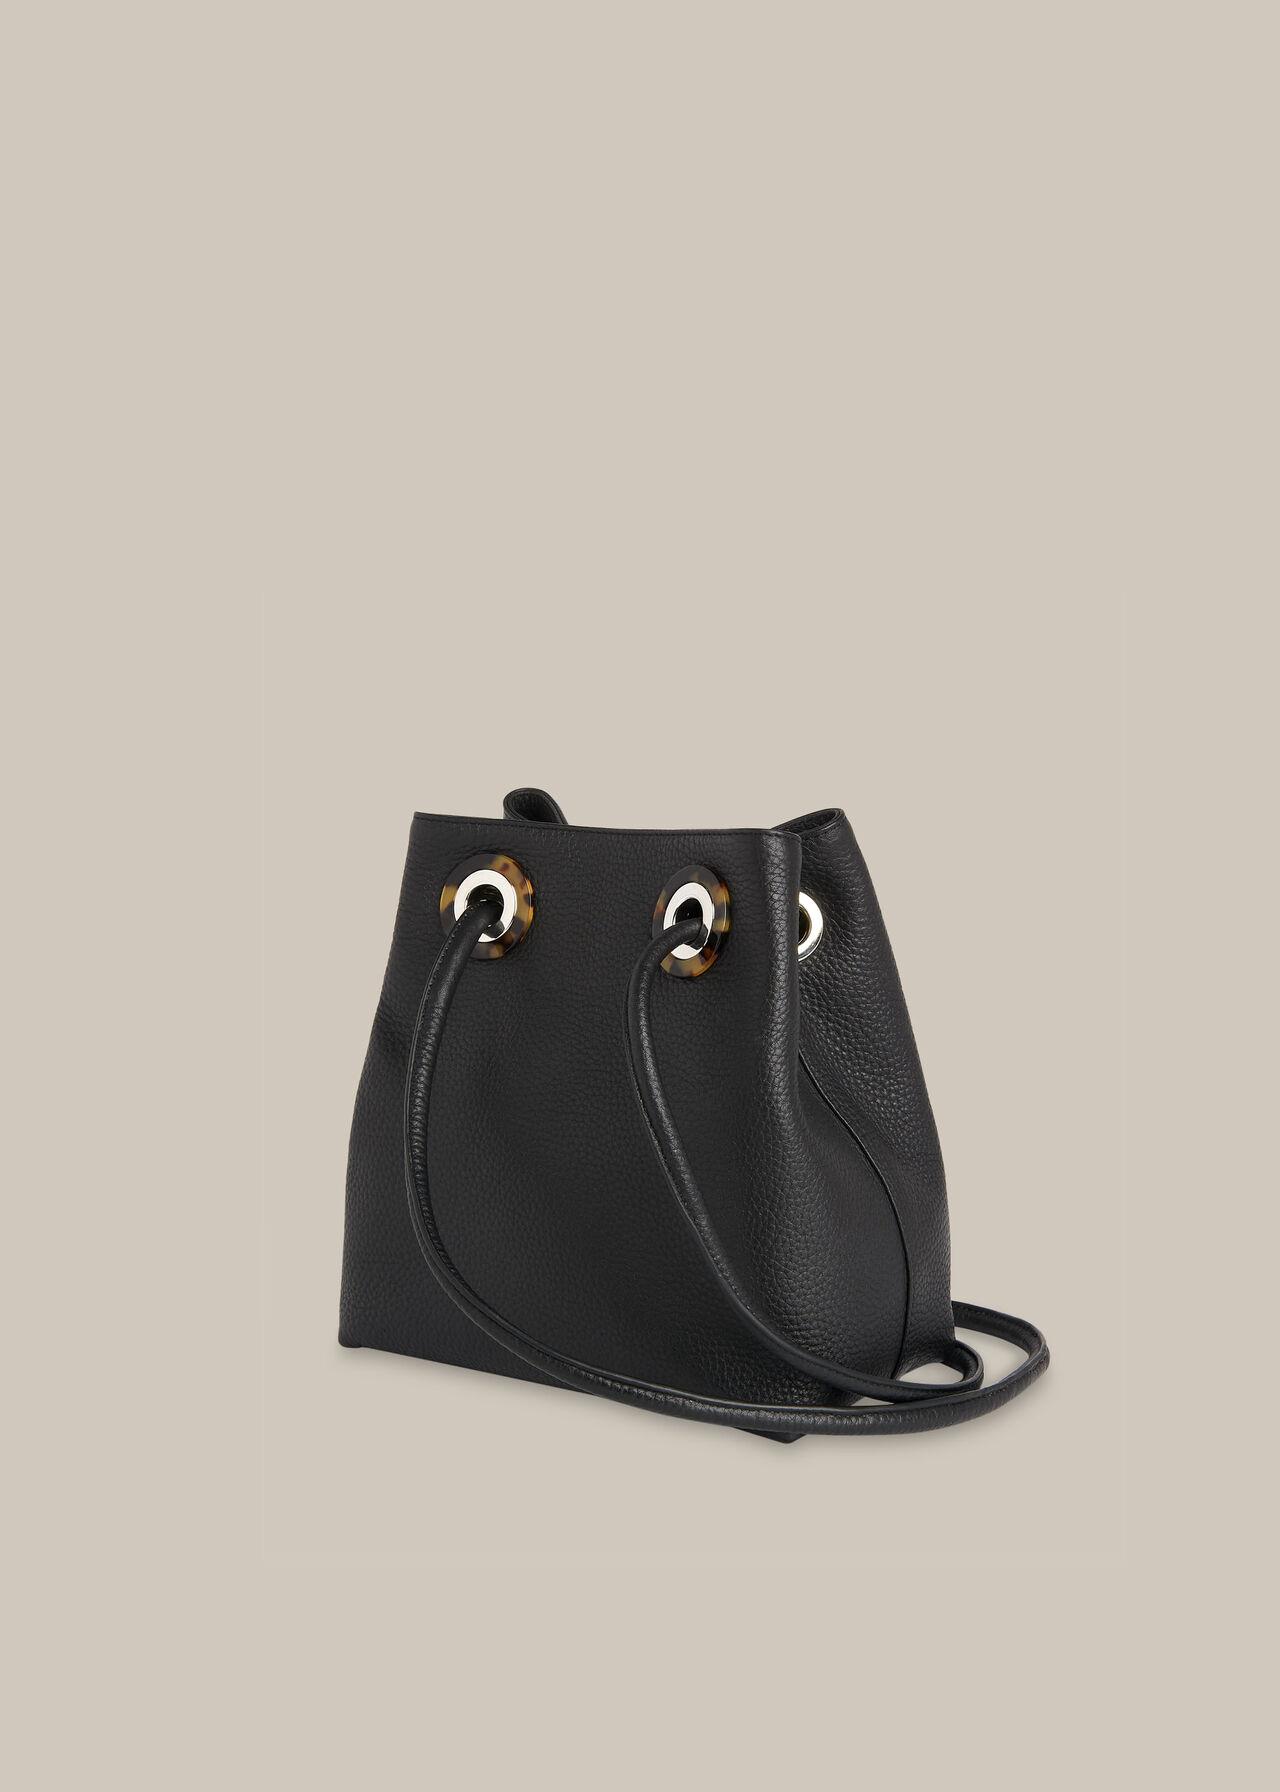 Mabel Tort Eyelet Bag Black